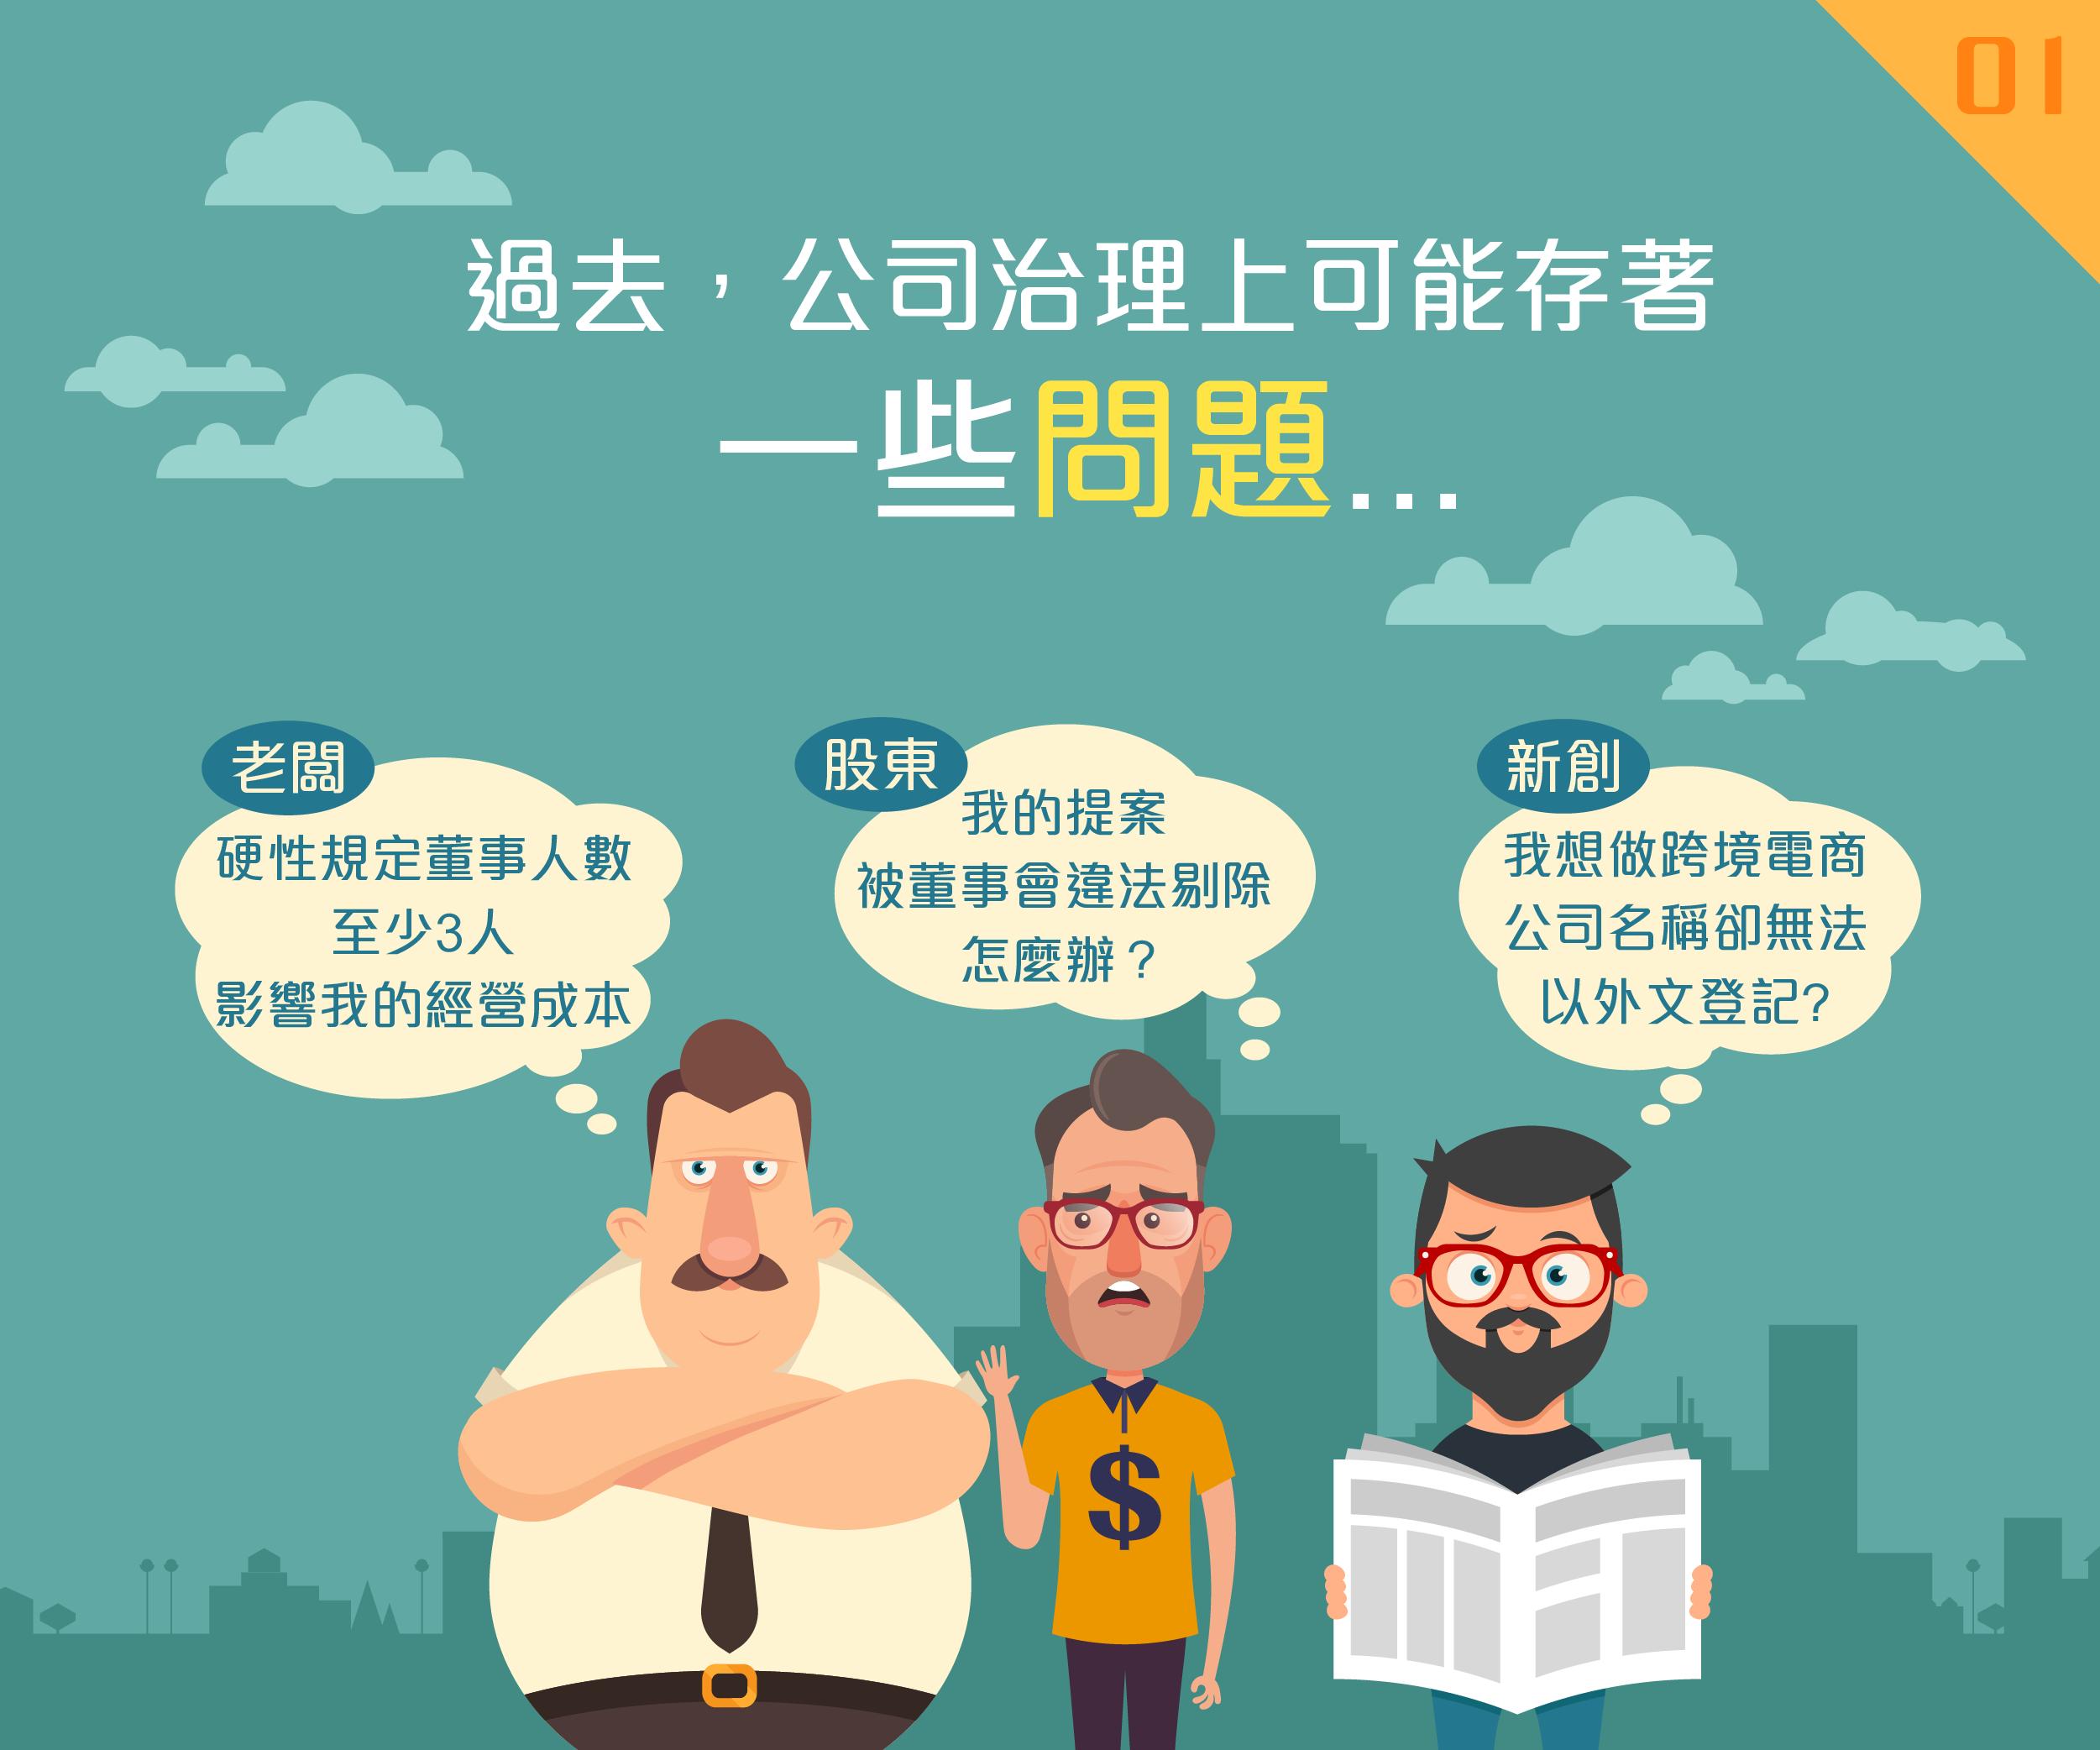 公司法懶人包修改2018-0827-02